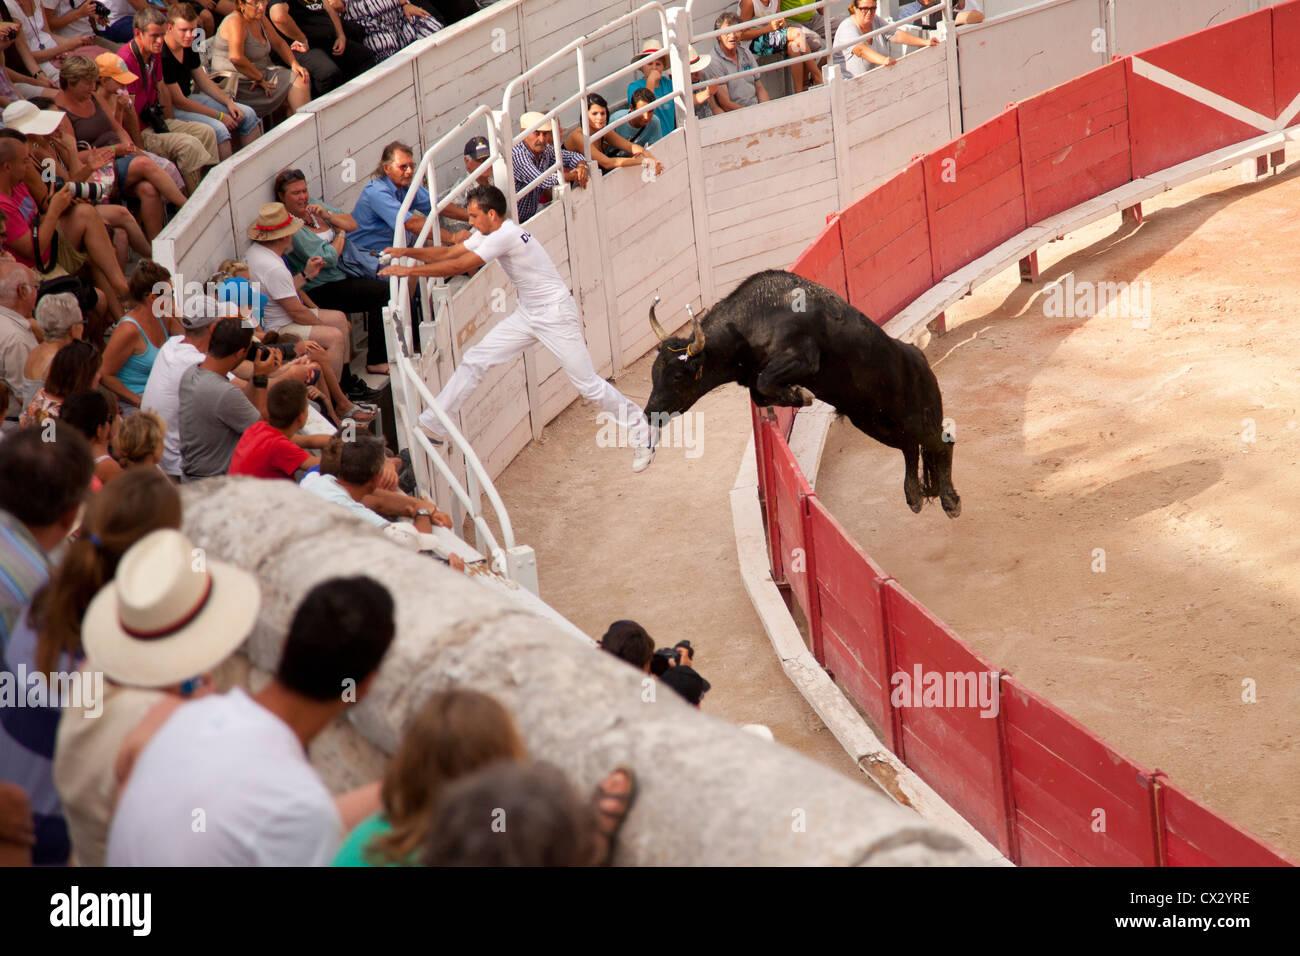 Un taureau s échappe de l arène pendant  La course Camarguaise  bull courses  dans l amphithéâtre romain, Arles, Provence, France 3dc3118107e